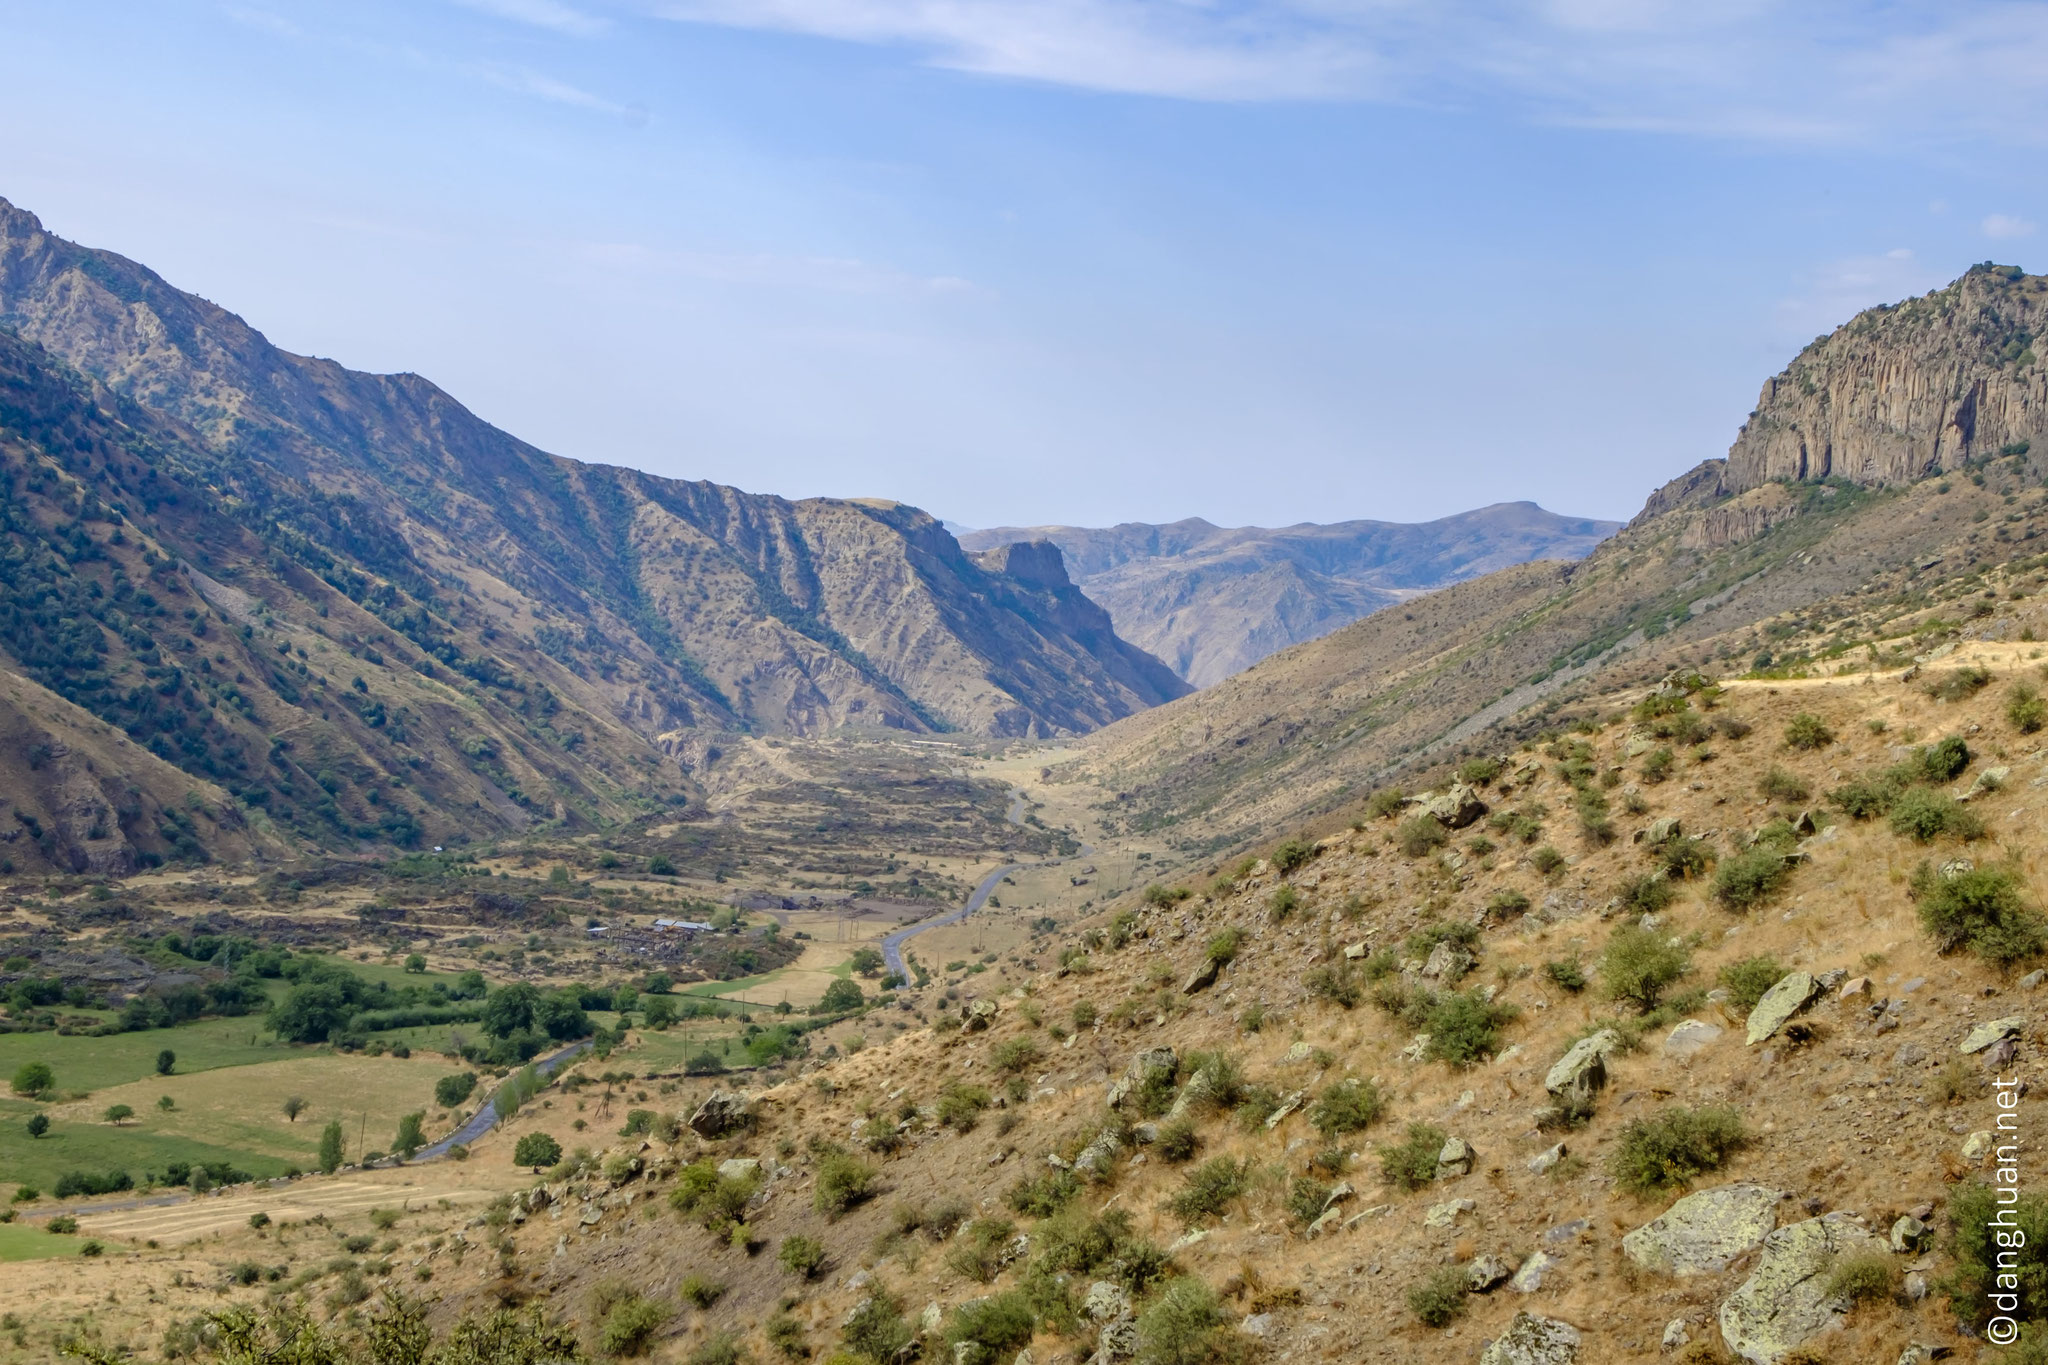 Randonnée depuis le canyon d'Eghéguis vers la forteresse Sembataberd située au sommet